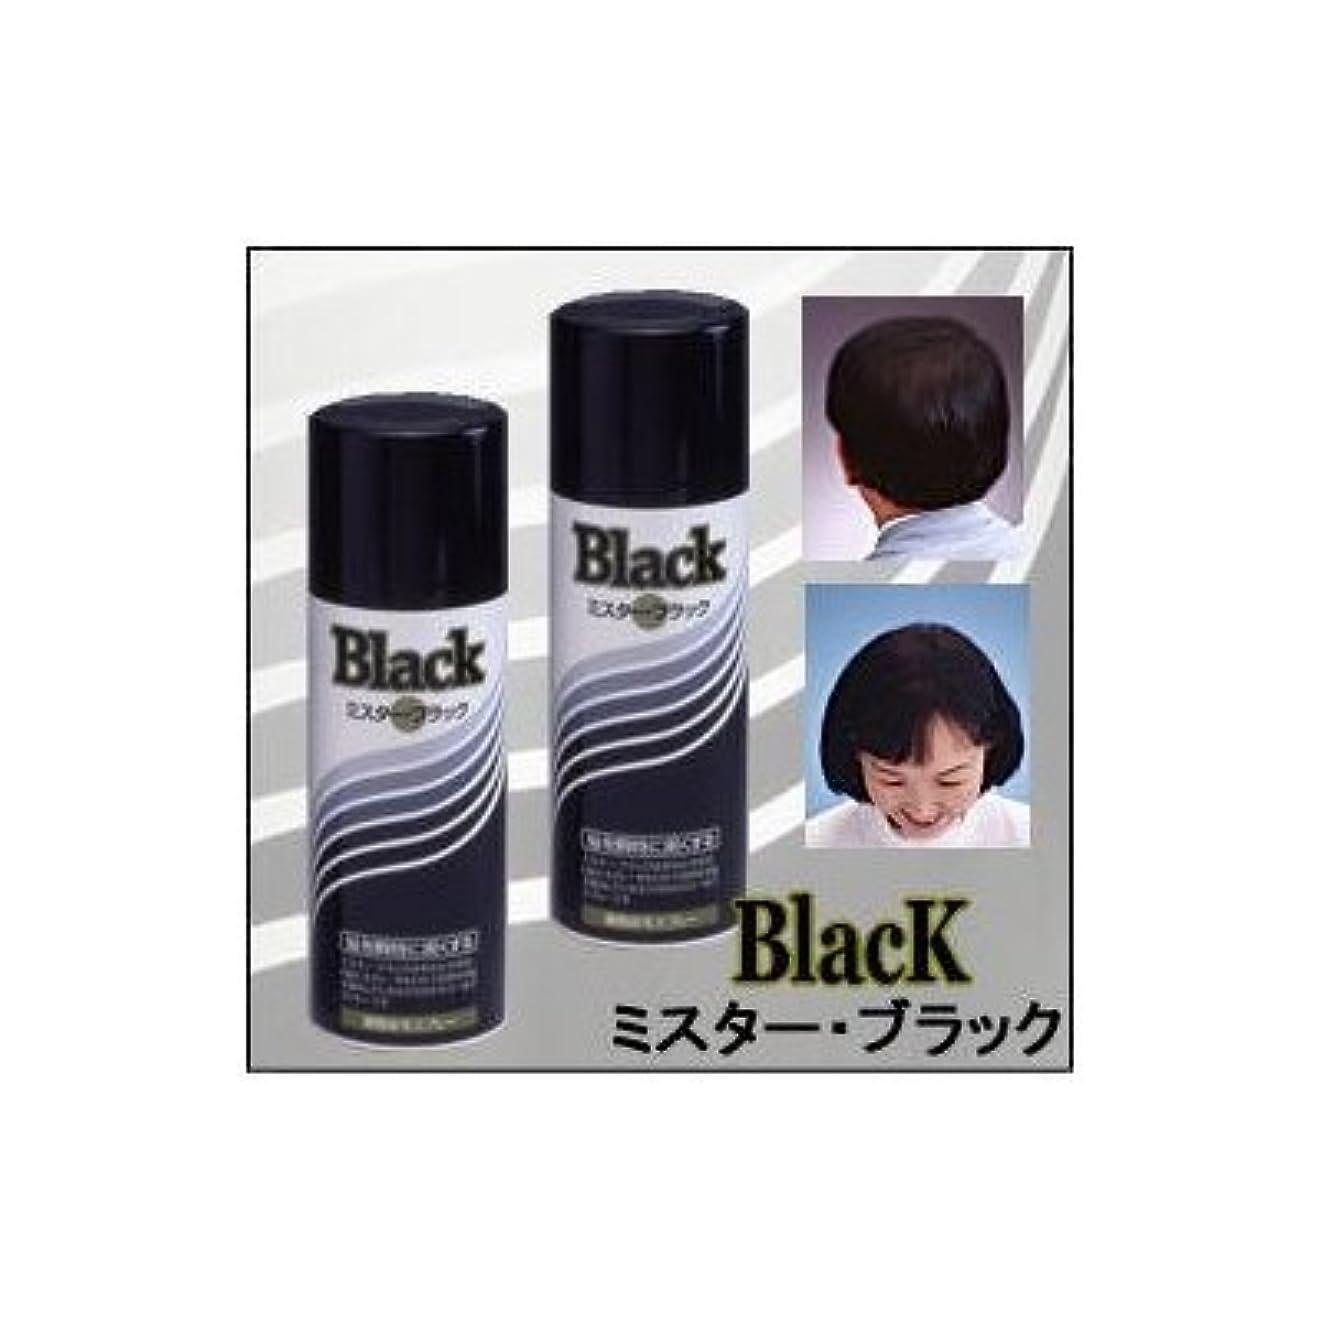 病的爆発する気になる『ミスターブラック ? 男女兼用』 薄毛対策スプレー  瞬時に対応 ?染毛料? 日本製 (3本組)